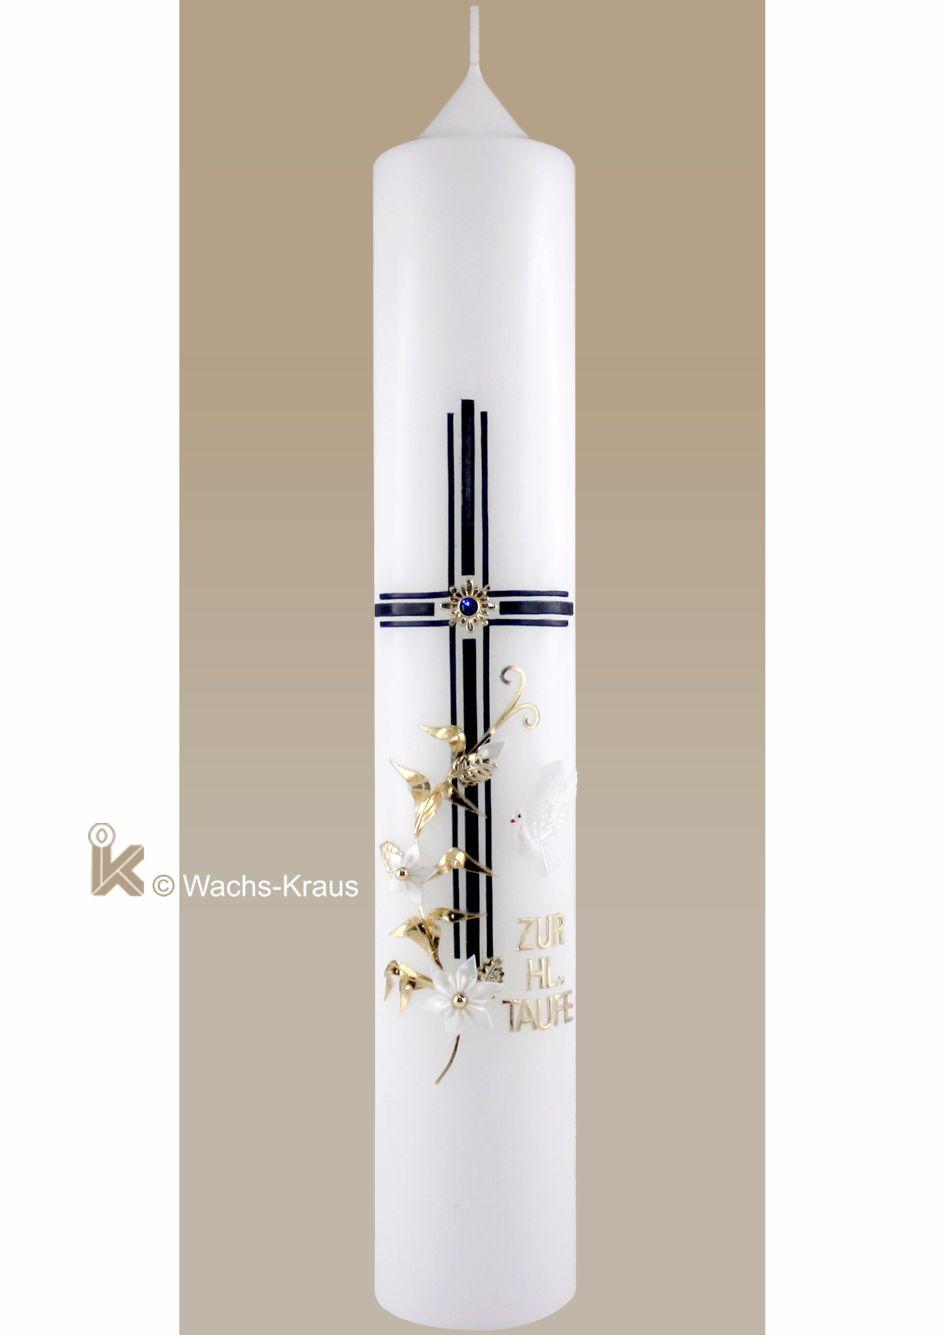 Stilvolle Taufkerze für einen Jungen. Das dreifach gelegte, dunkelblaue Kreuz eine goldene Blume, Blüte, Schriftzug: Zur HL. Taufe